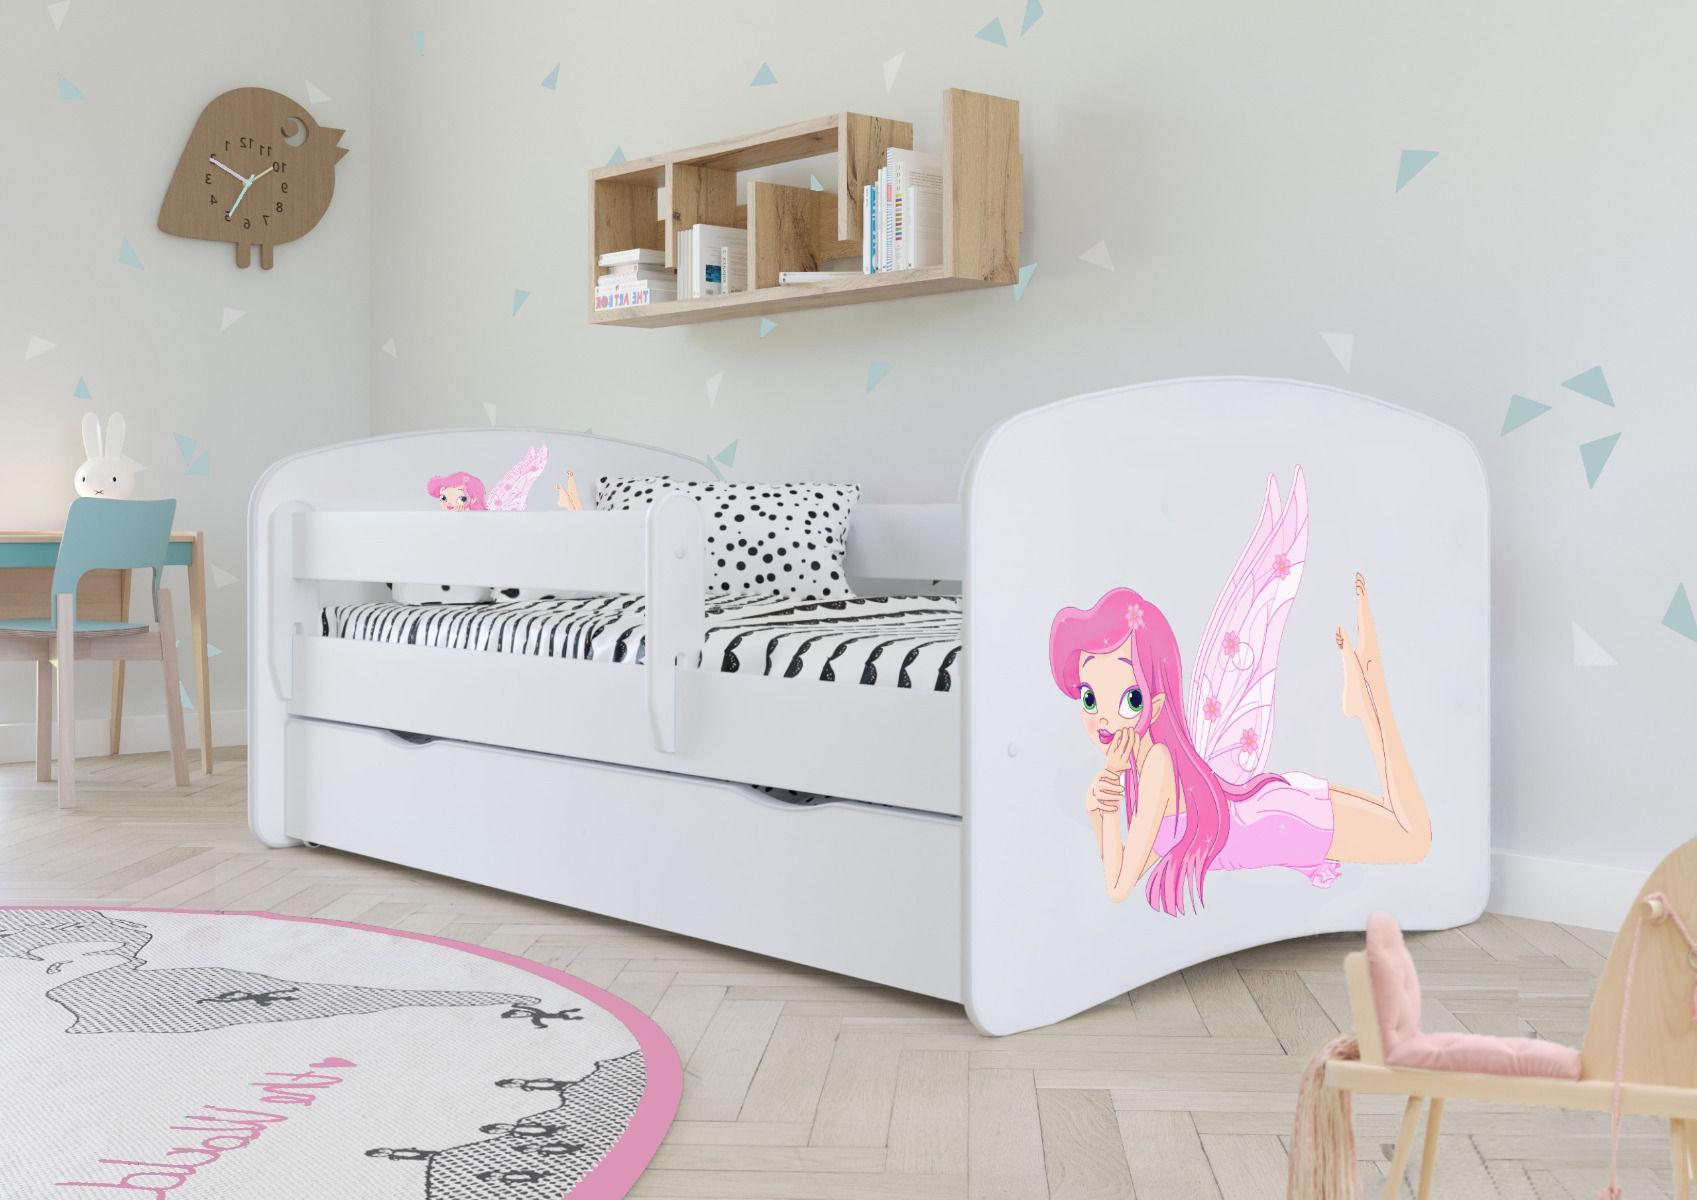 Łóżko dziecięce BABY DREAMS wróżka ze skrzydełkami 160x80